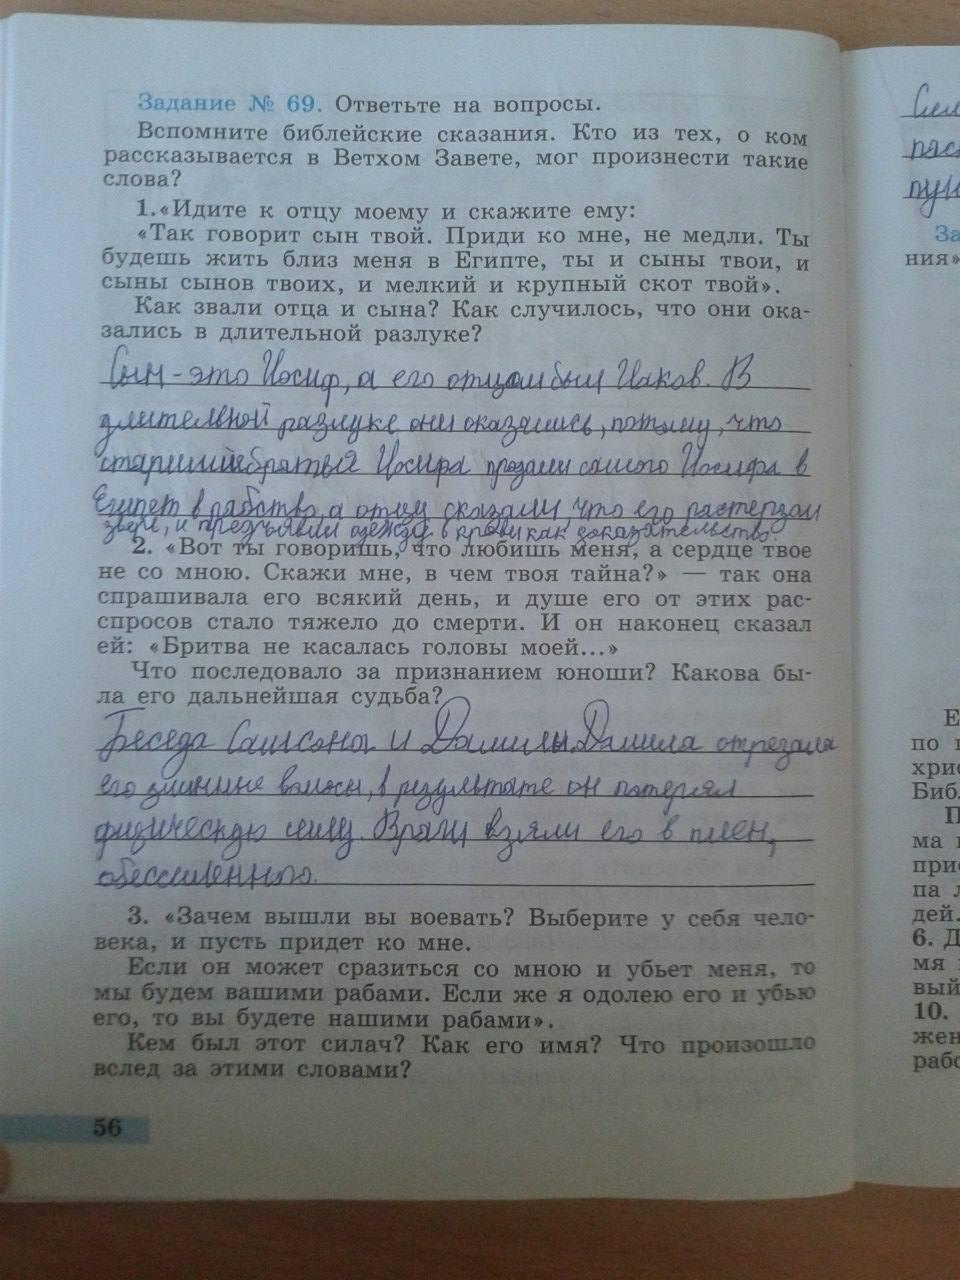 По гдз истории по рабочей г.и.годер тетради